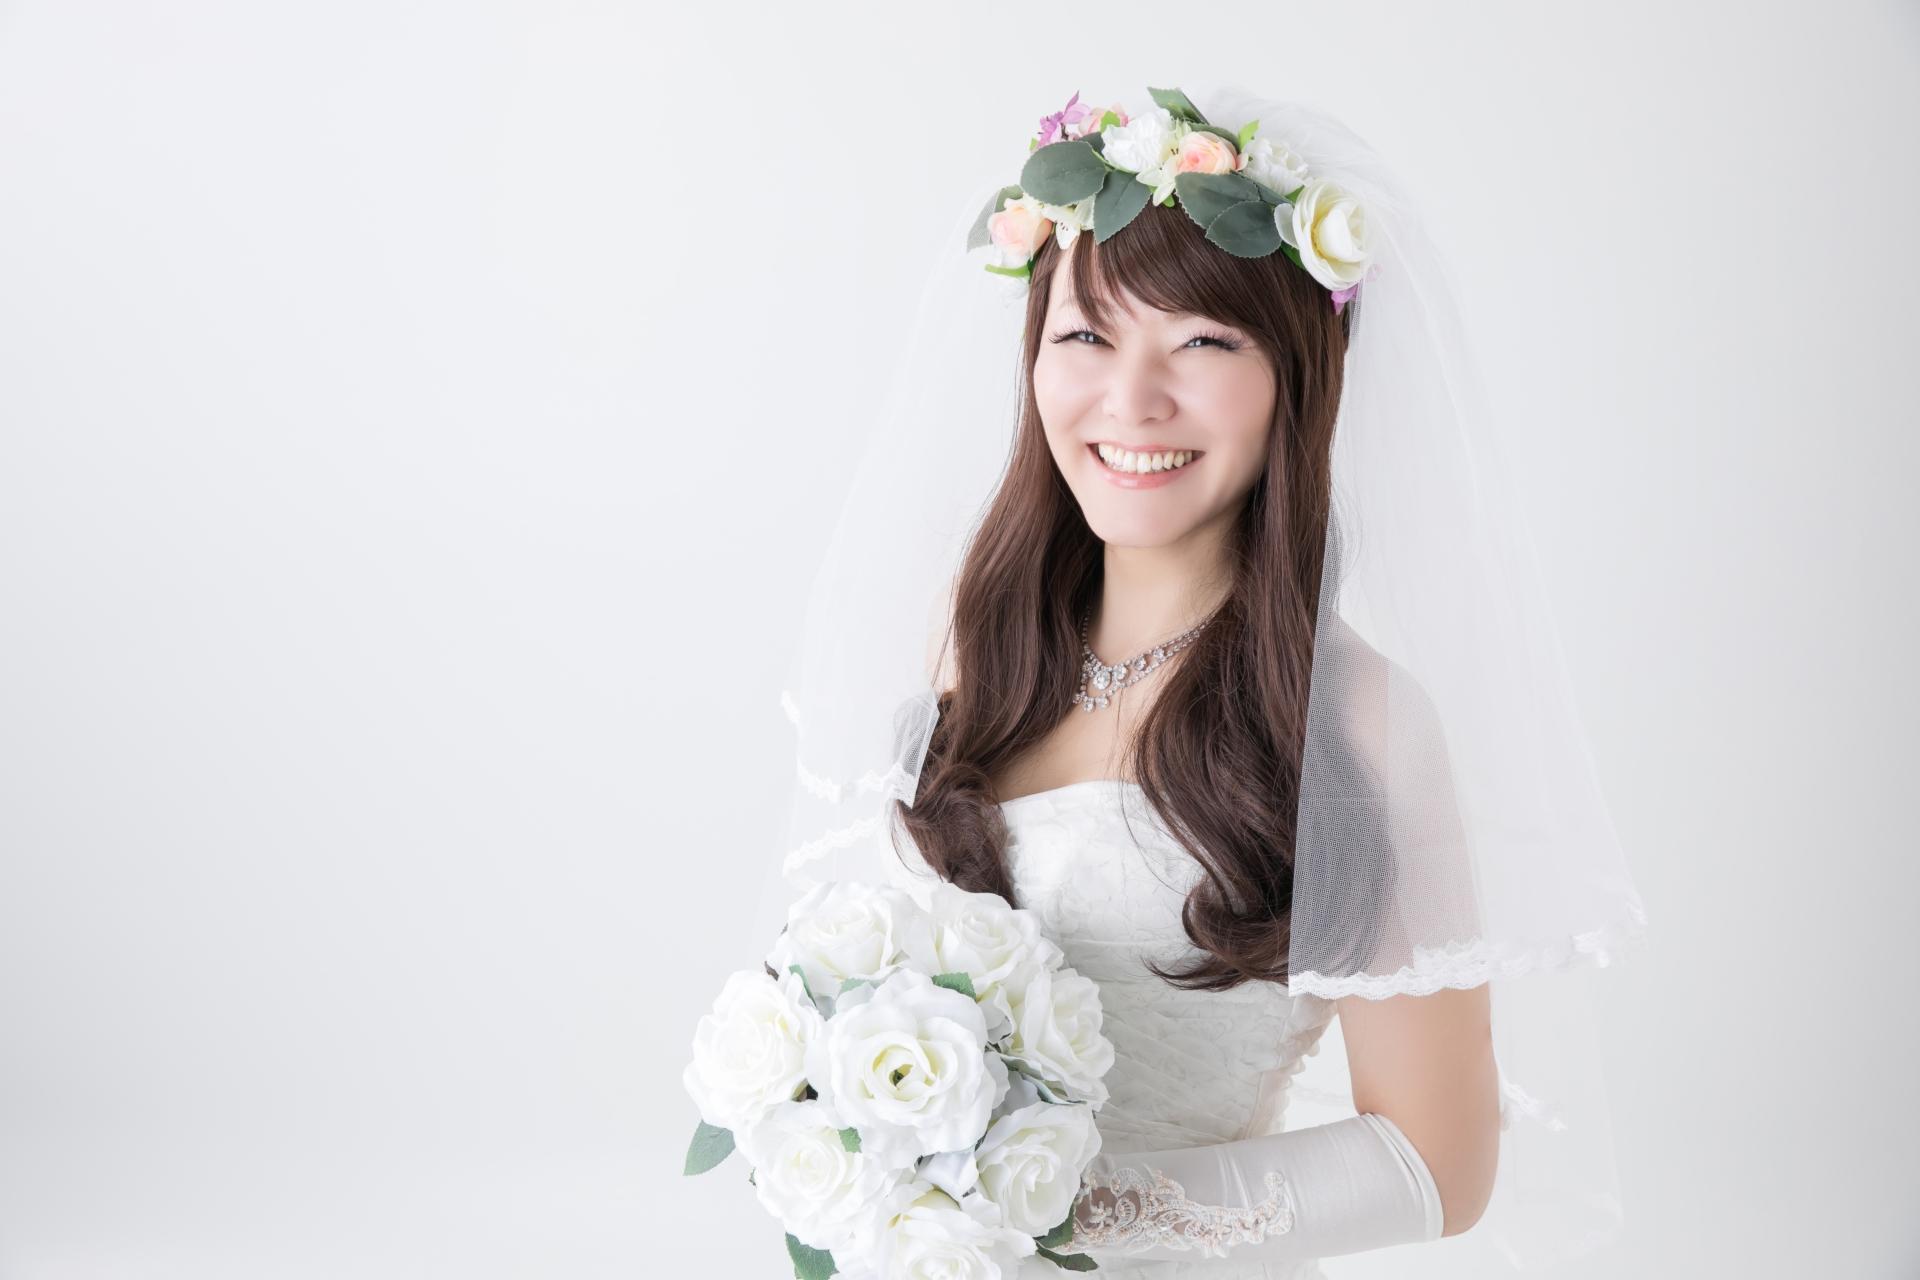 結婚式前にはブライダルホワイトニングで歯を美しく!